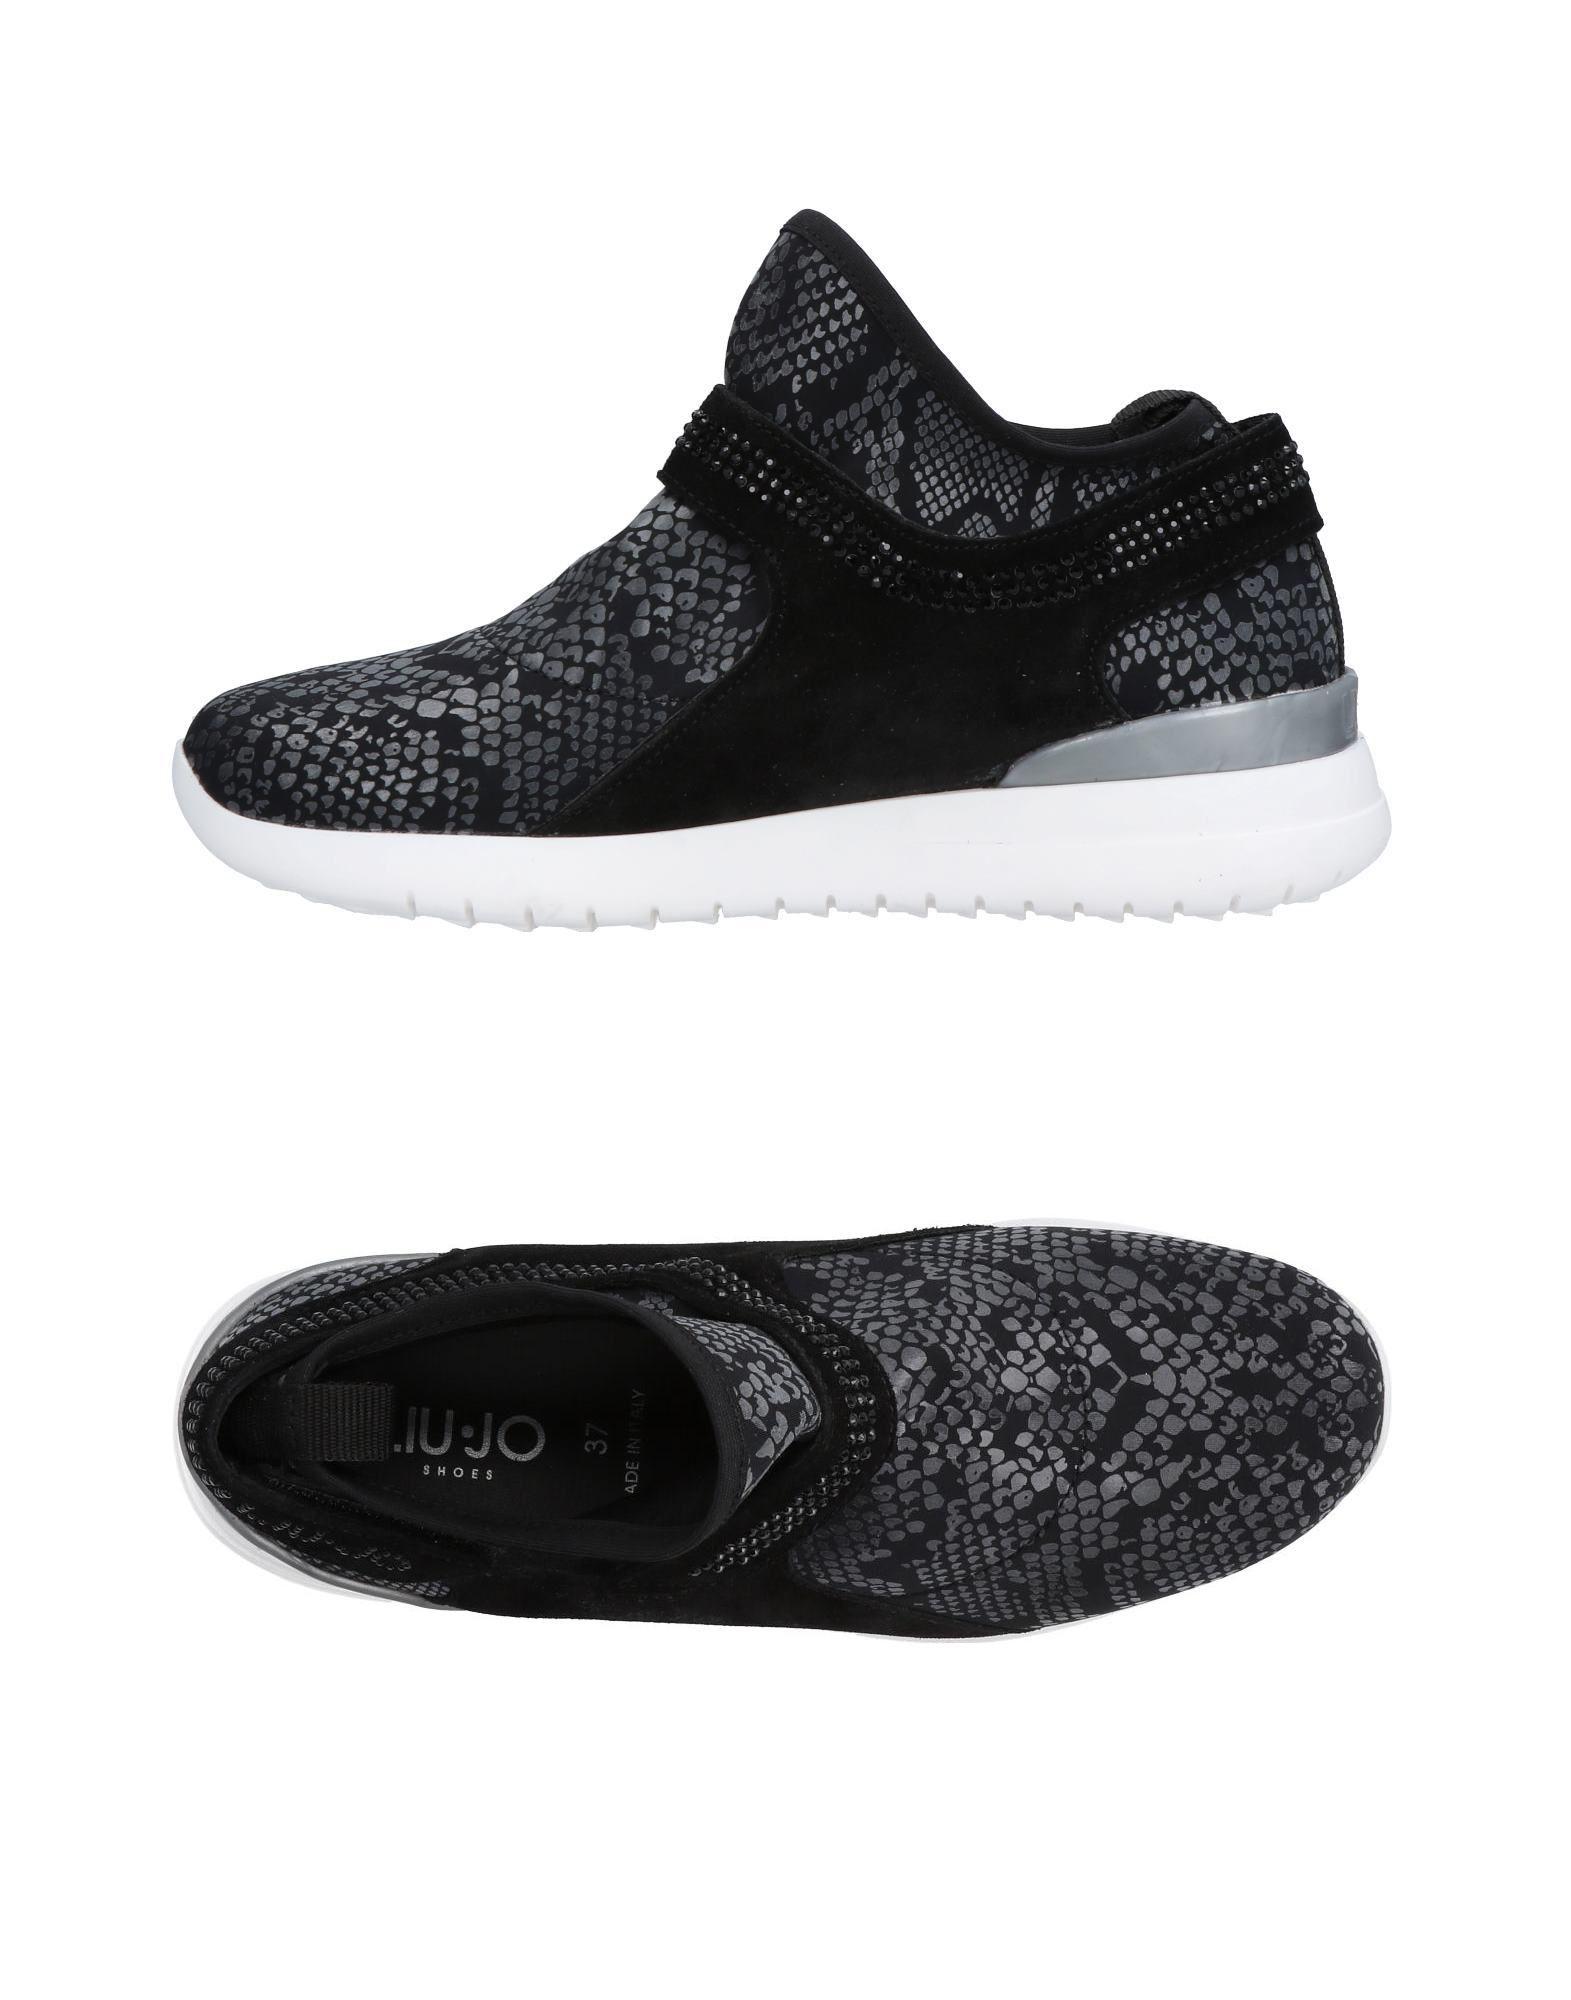 Liu •Jo Shoes Sneakers Sneakers Sneakers - Women Liu •Jo Shoes Sneakers online on  United Kingdom - 11473953PF 31848a